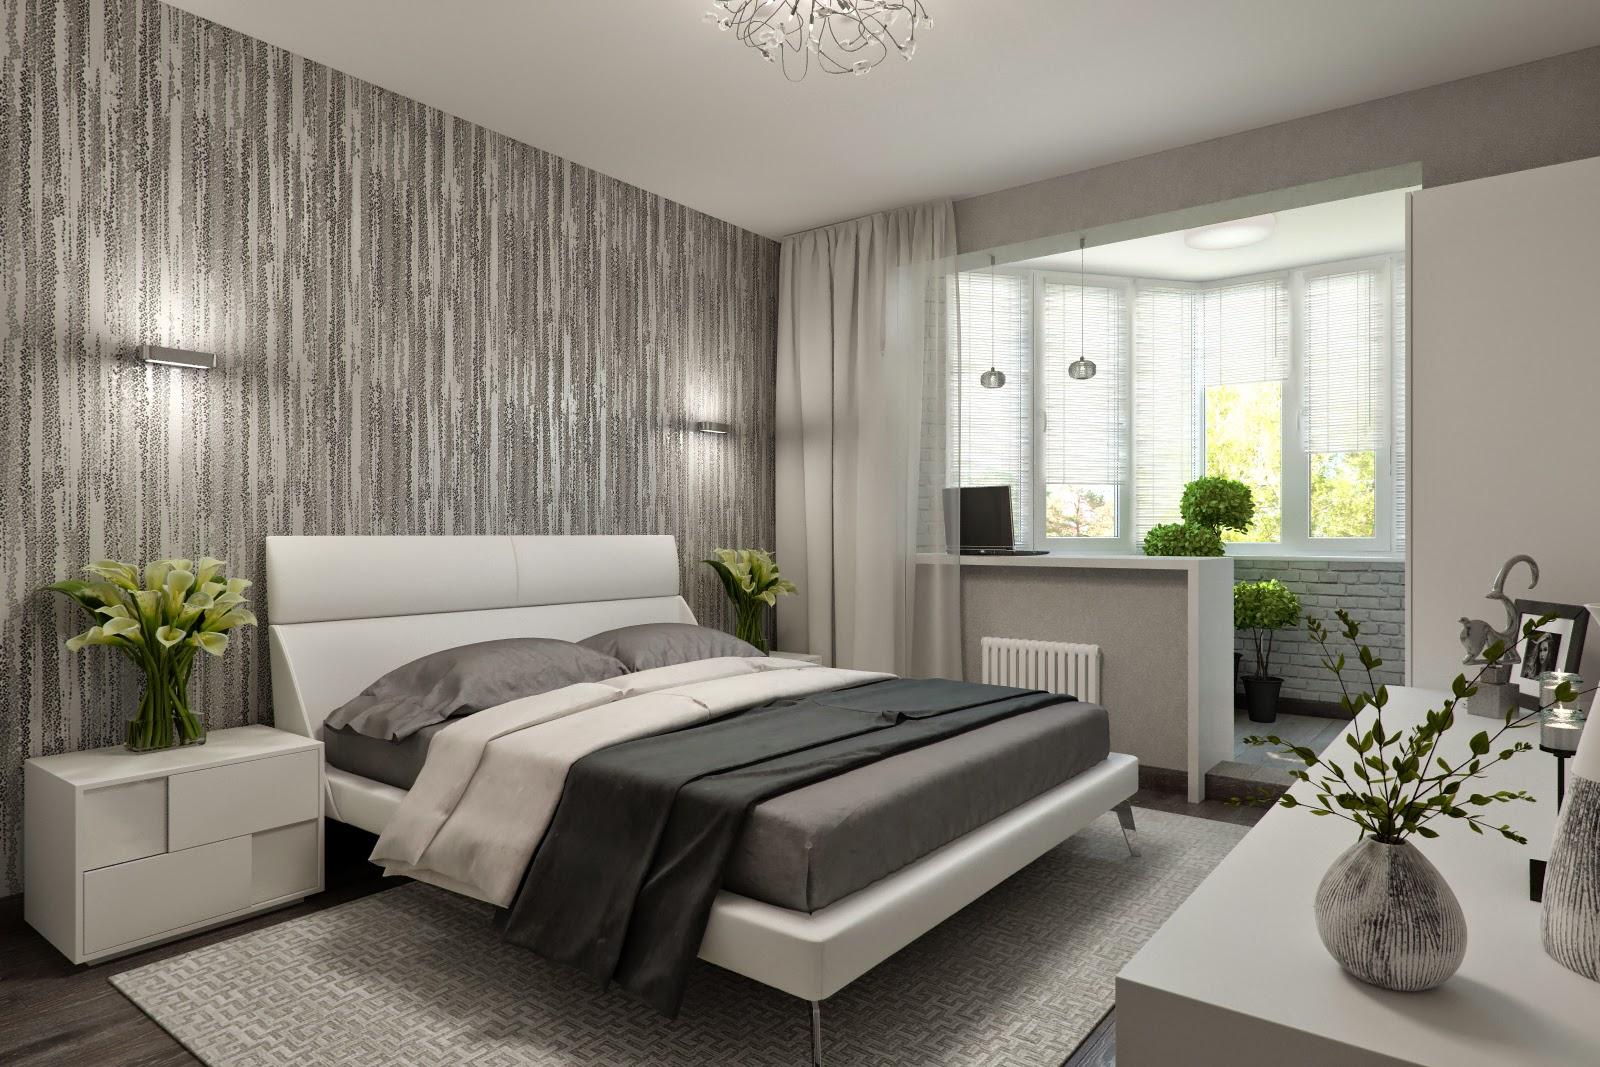 Серо-белая спальня, совмещенная с балконом